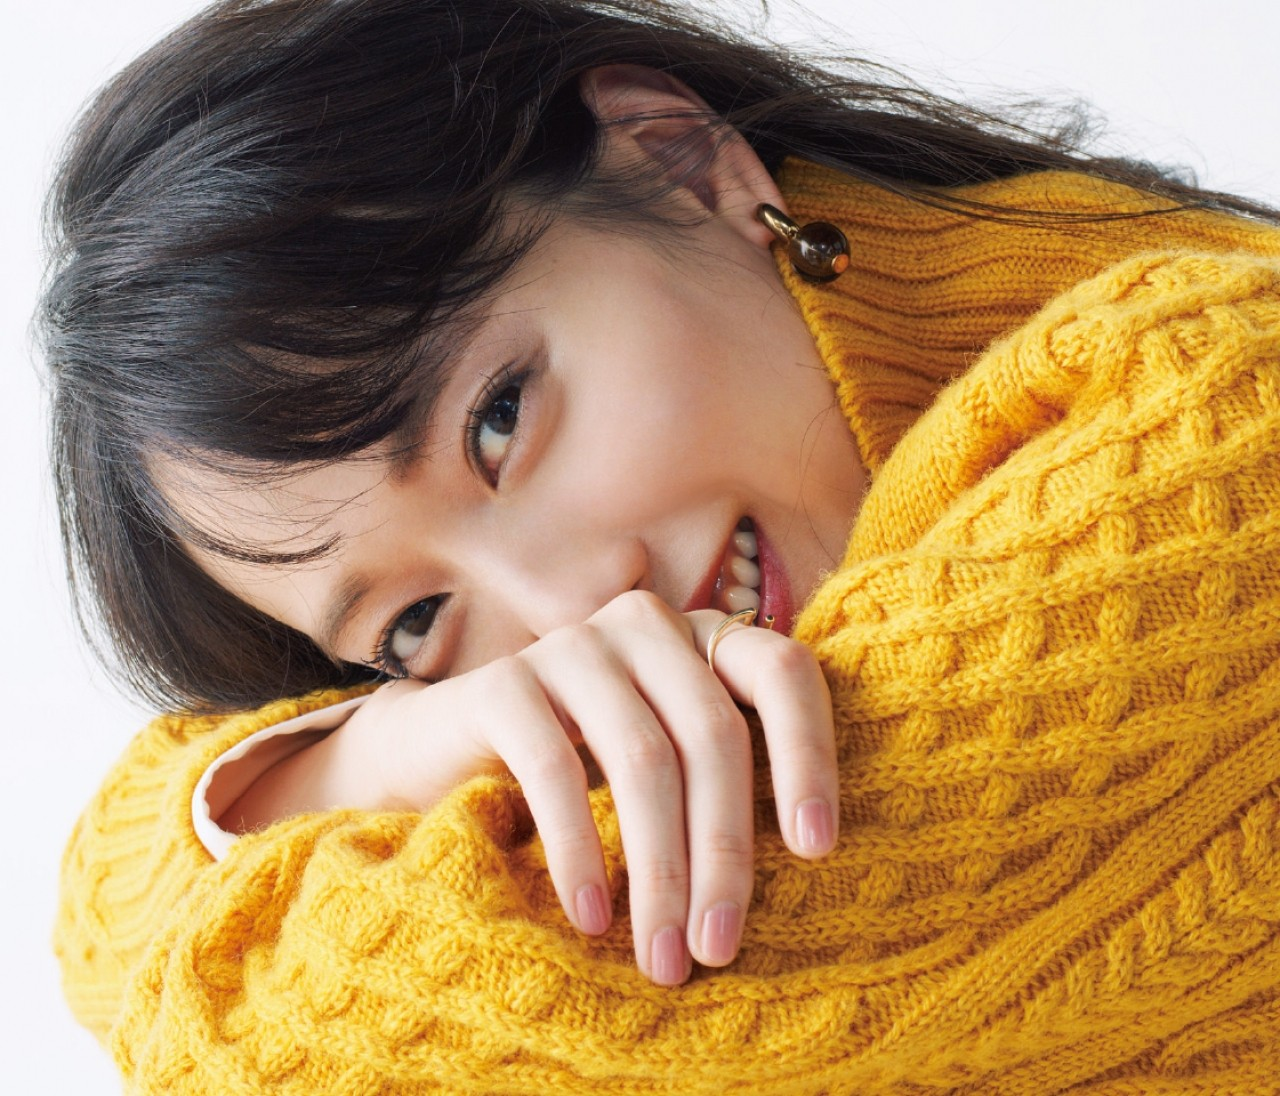 【戸田恵梨香インタビュー】女性人気が高い戸田さんが愛される理由